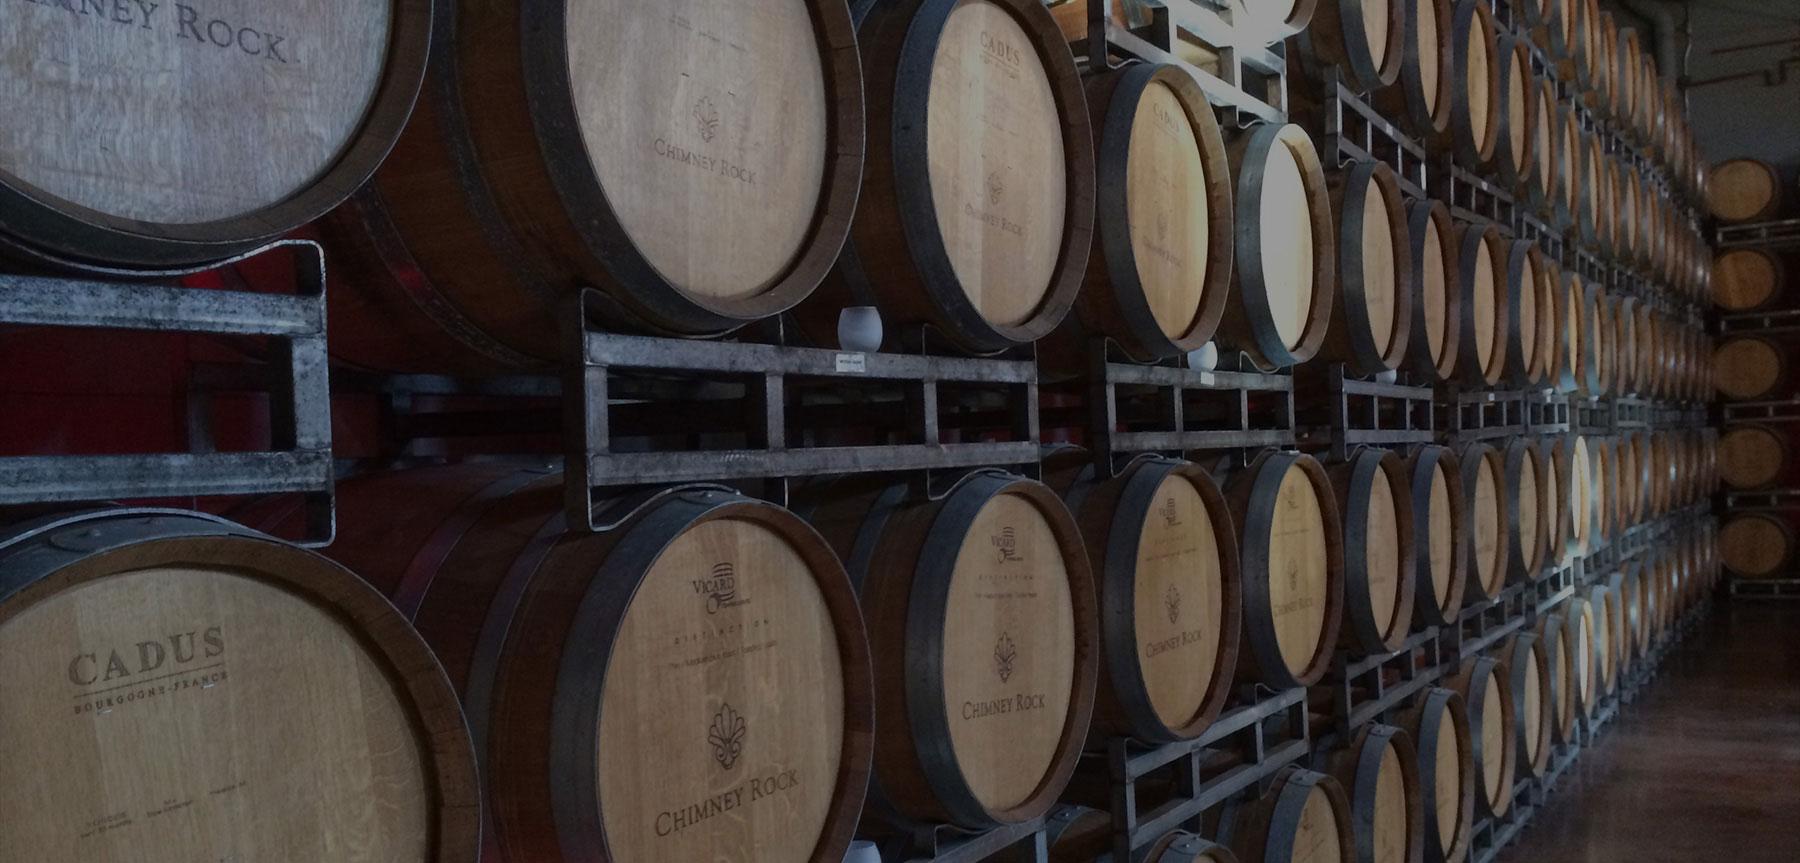 在线葡萄酒交易平台